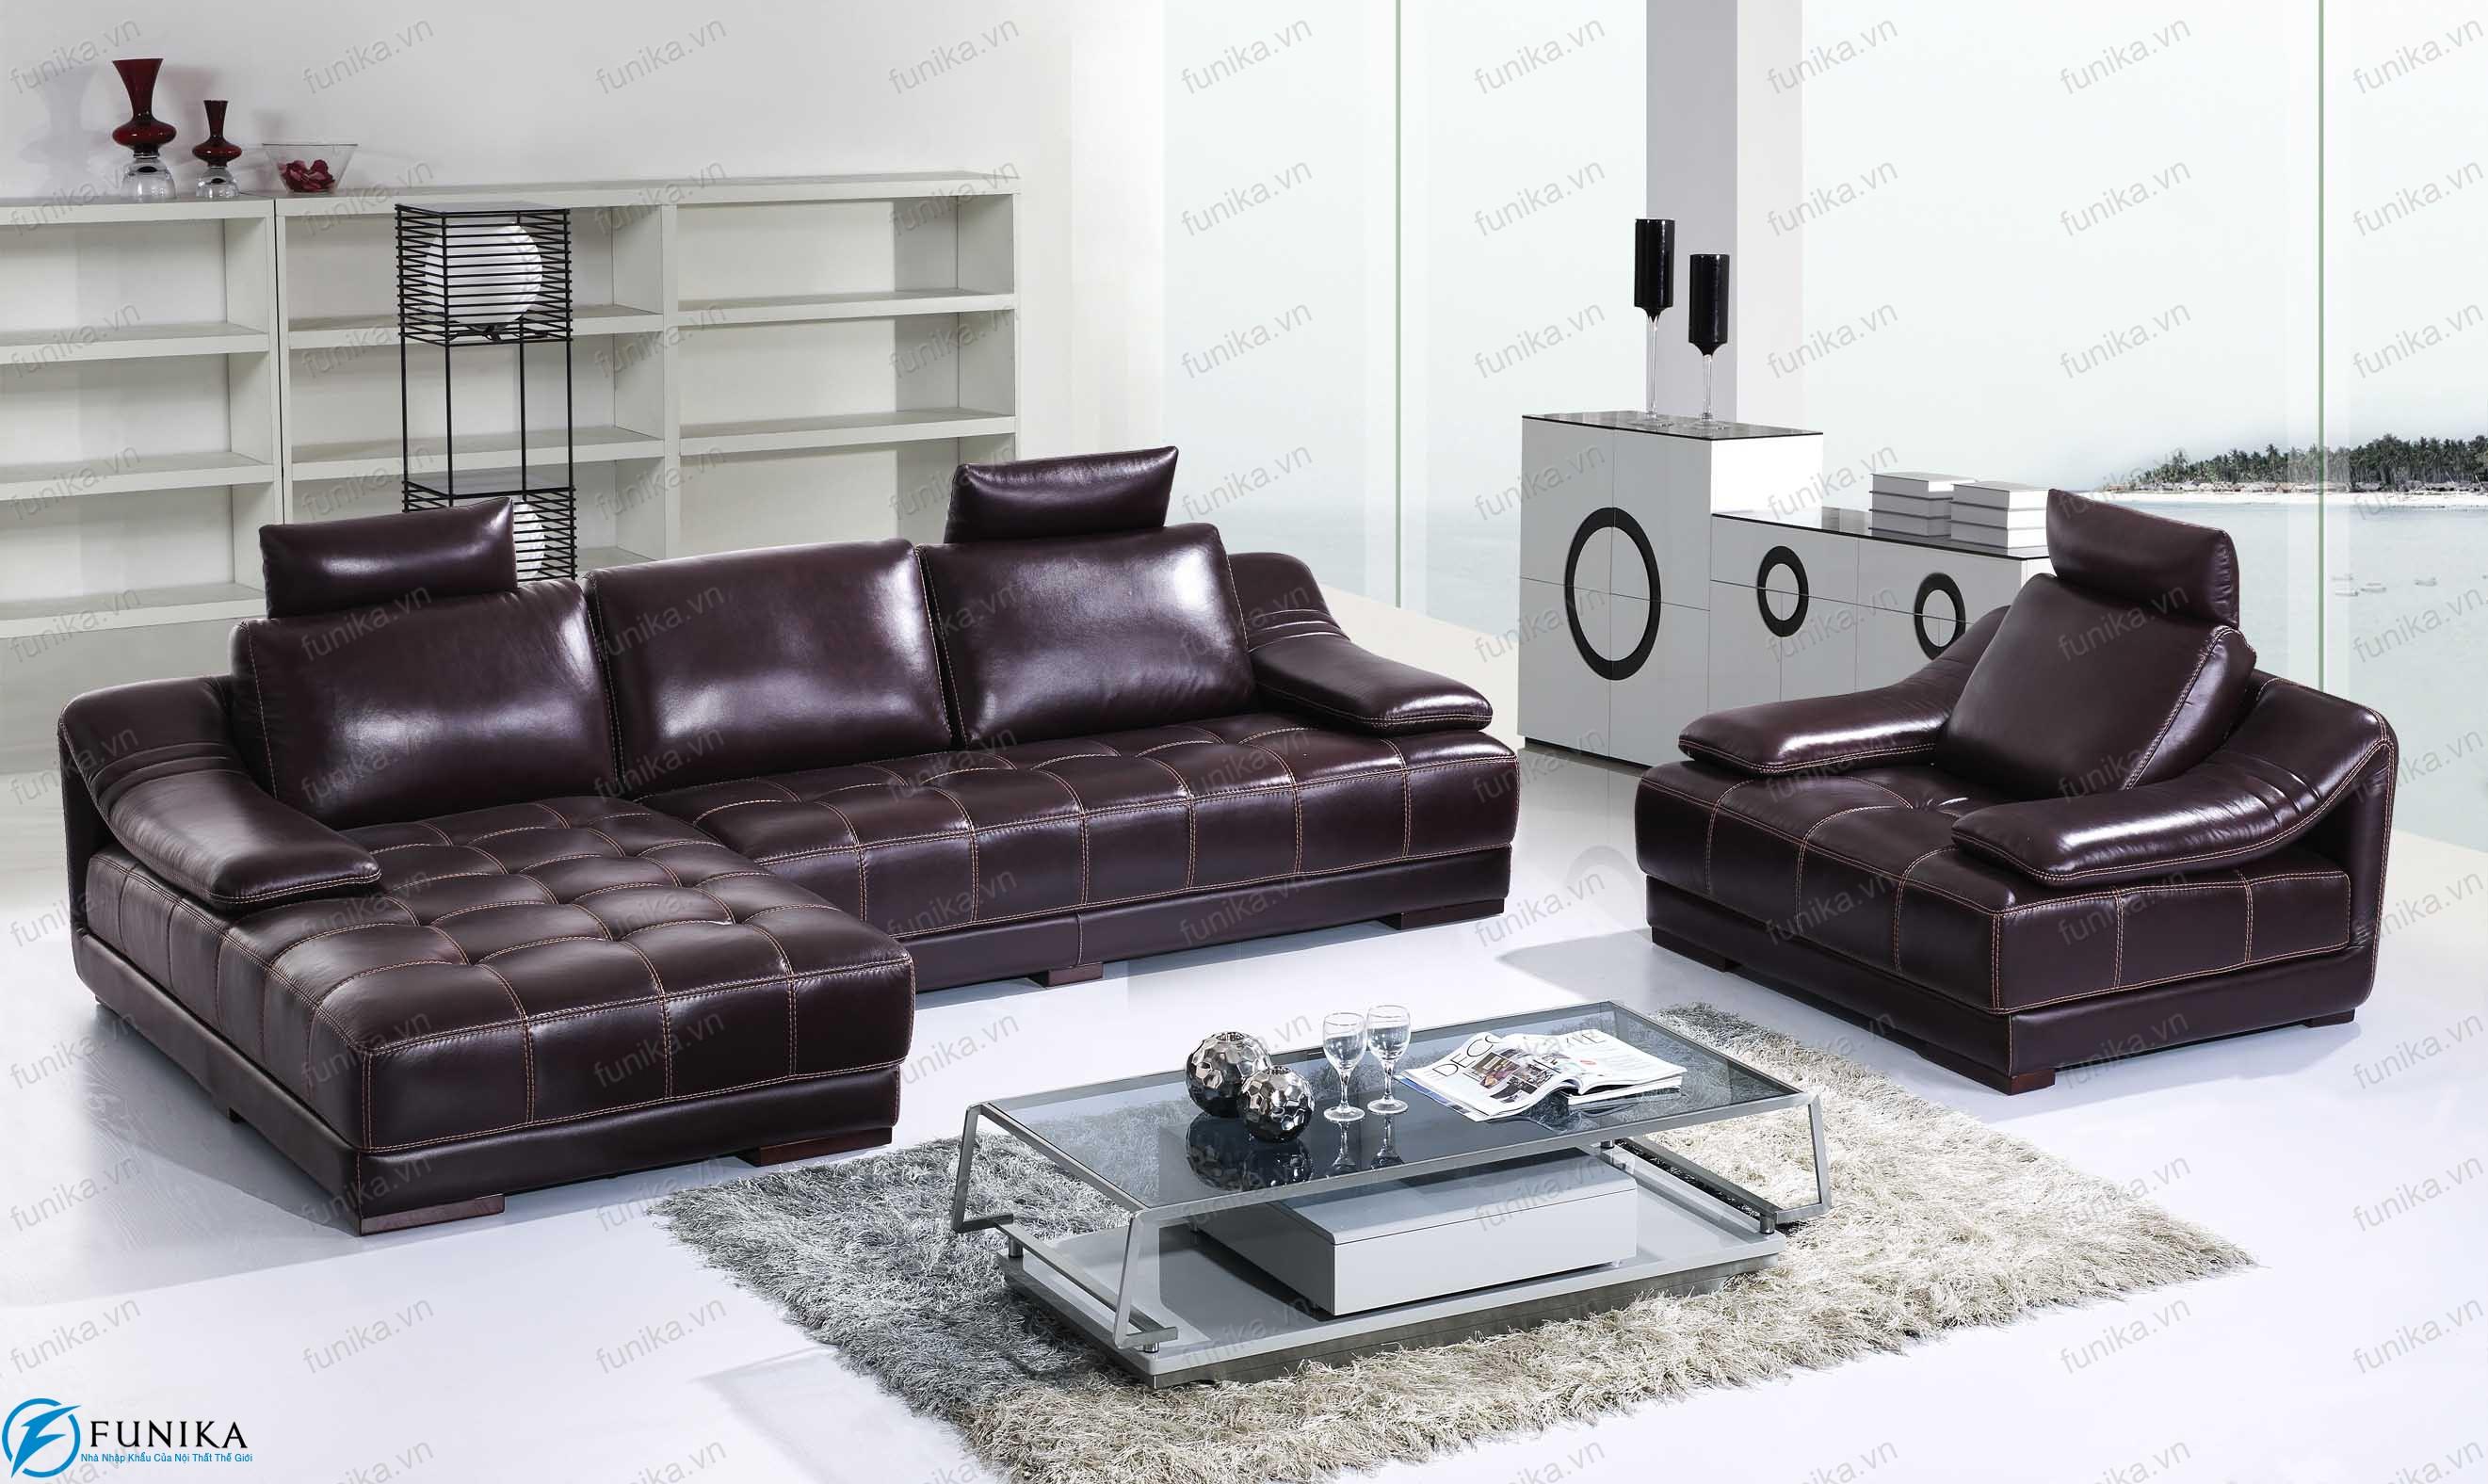 sofa da gócS-358